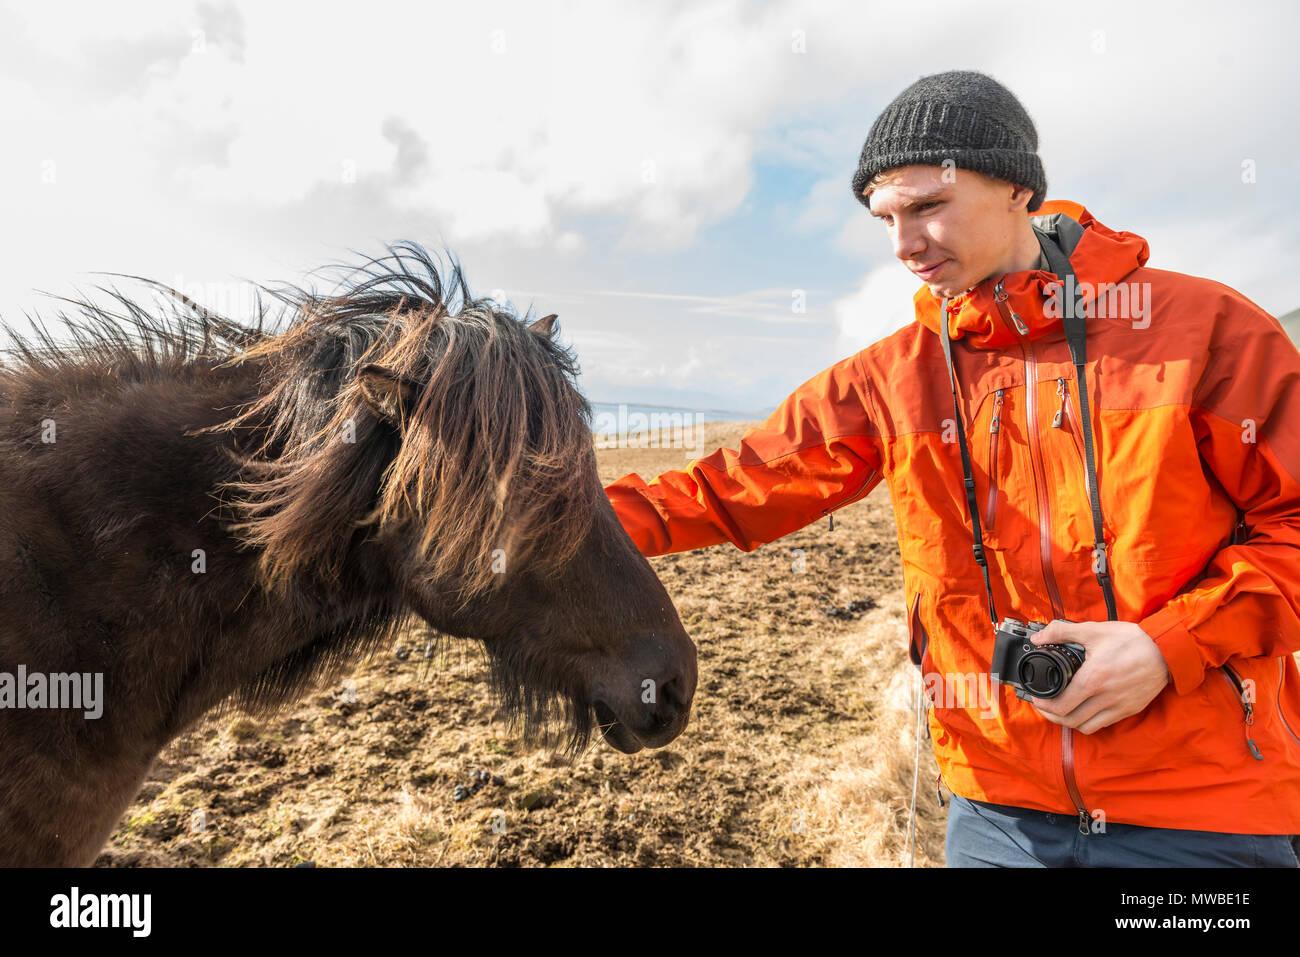 El hombre acariciando brown caballo islandés (Equus islandicus), el sur de Islandia, Islandia Imagen De Stock